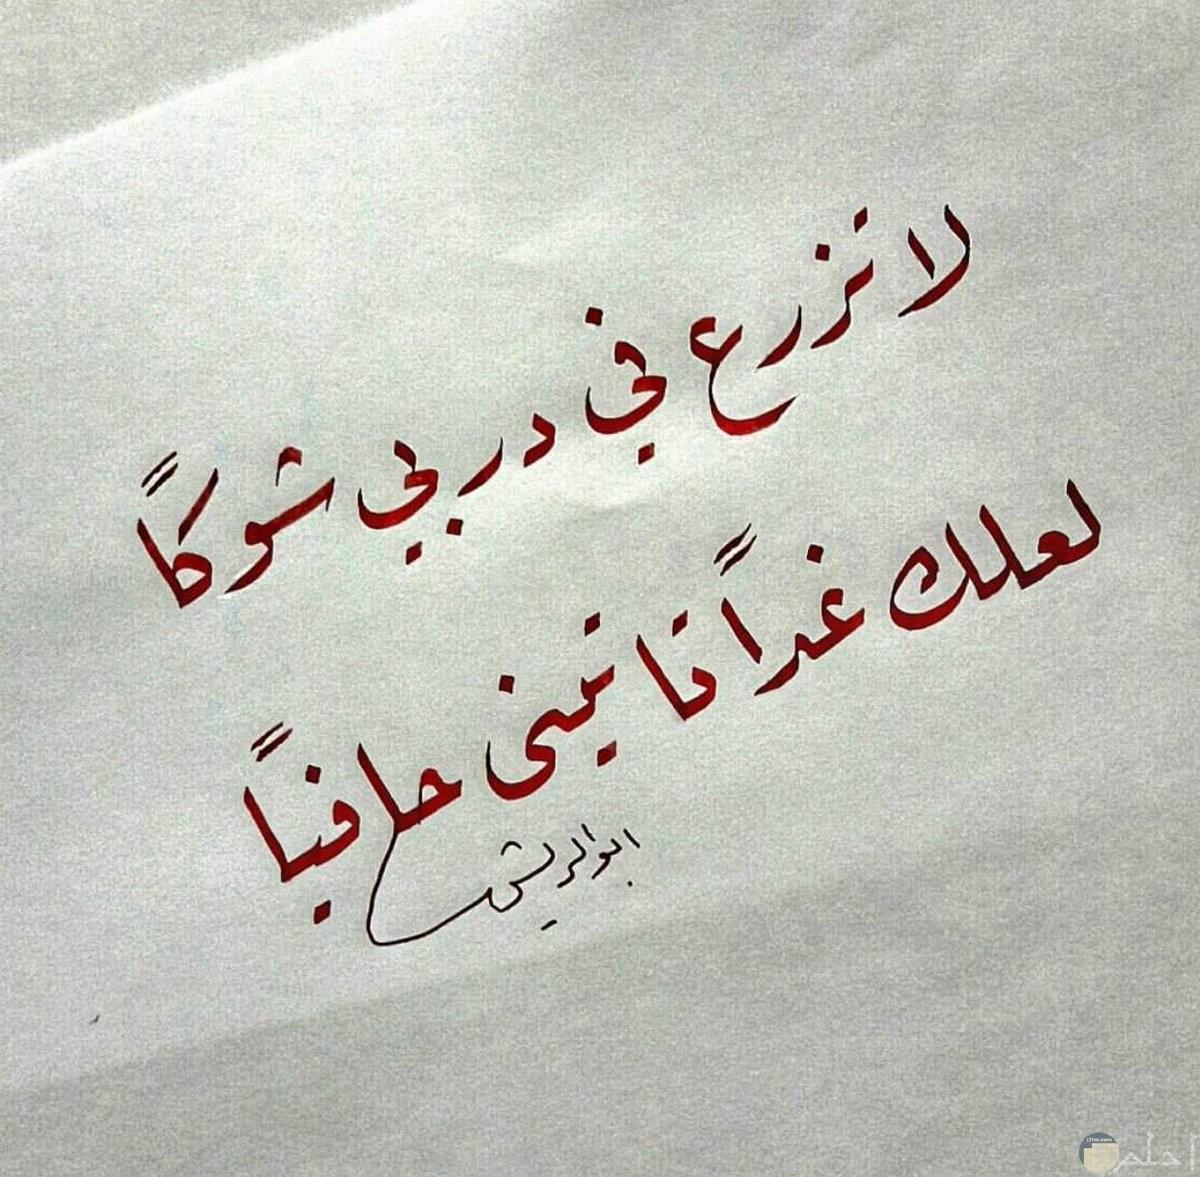 صورة حكمة معبرة تصلح كخلفية لحسابك علي موقع سناب شات